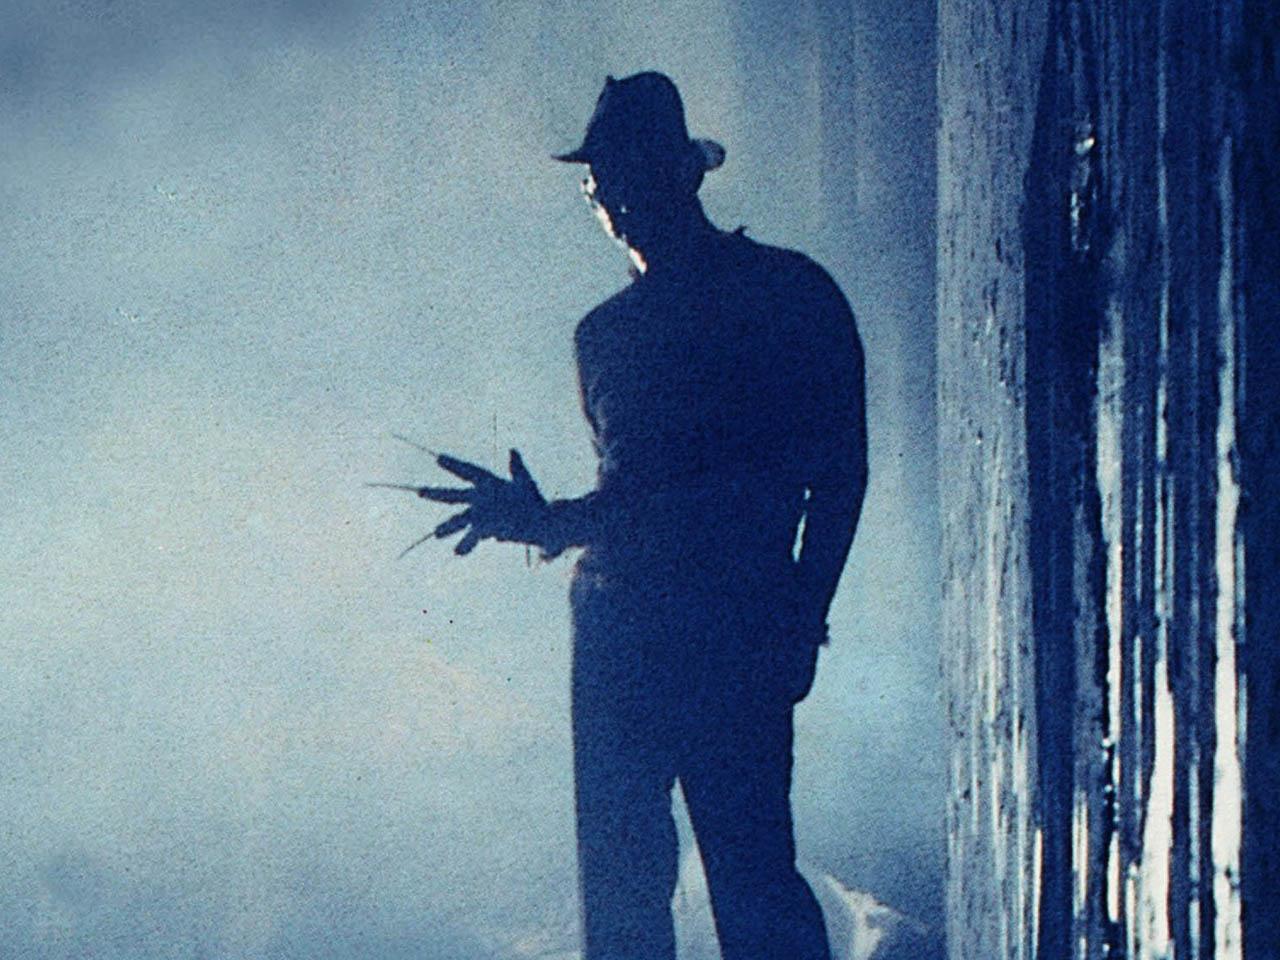 1984 Movie Project - Nightmare on Elm Street - 01